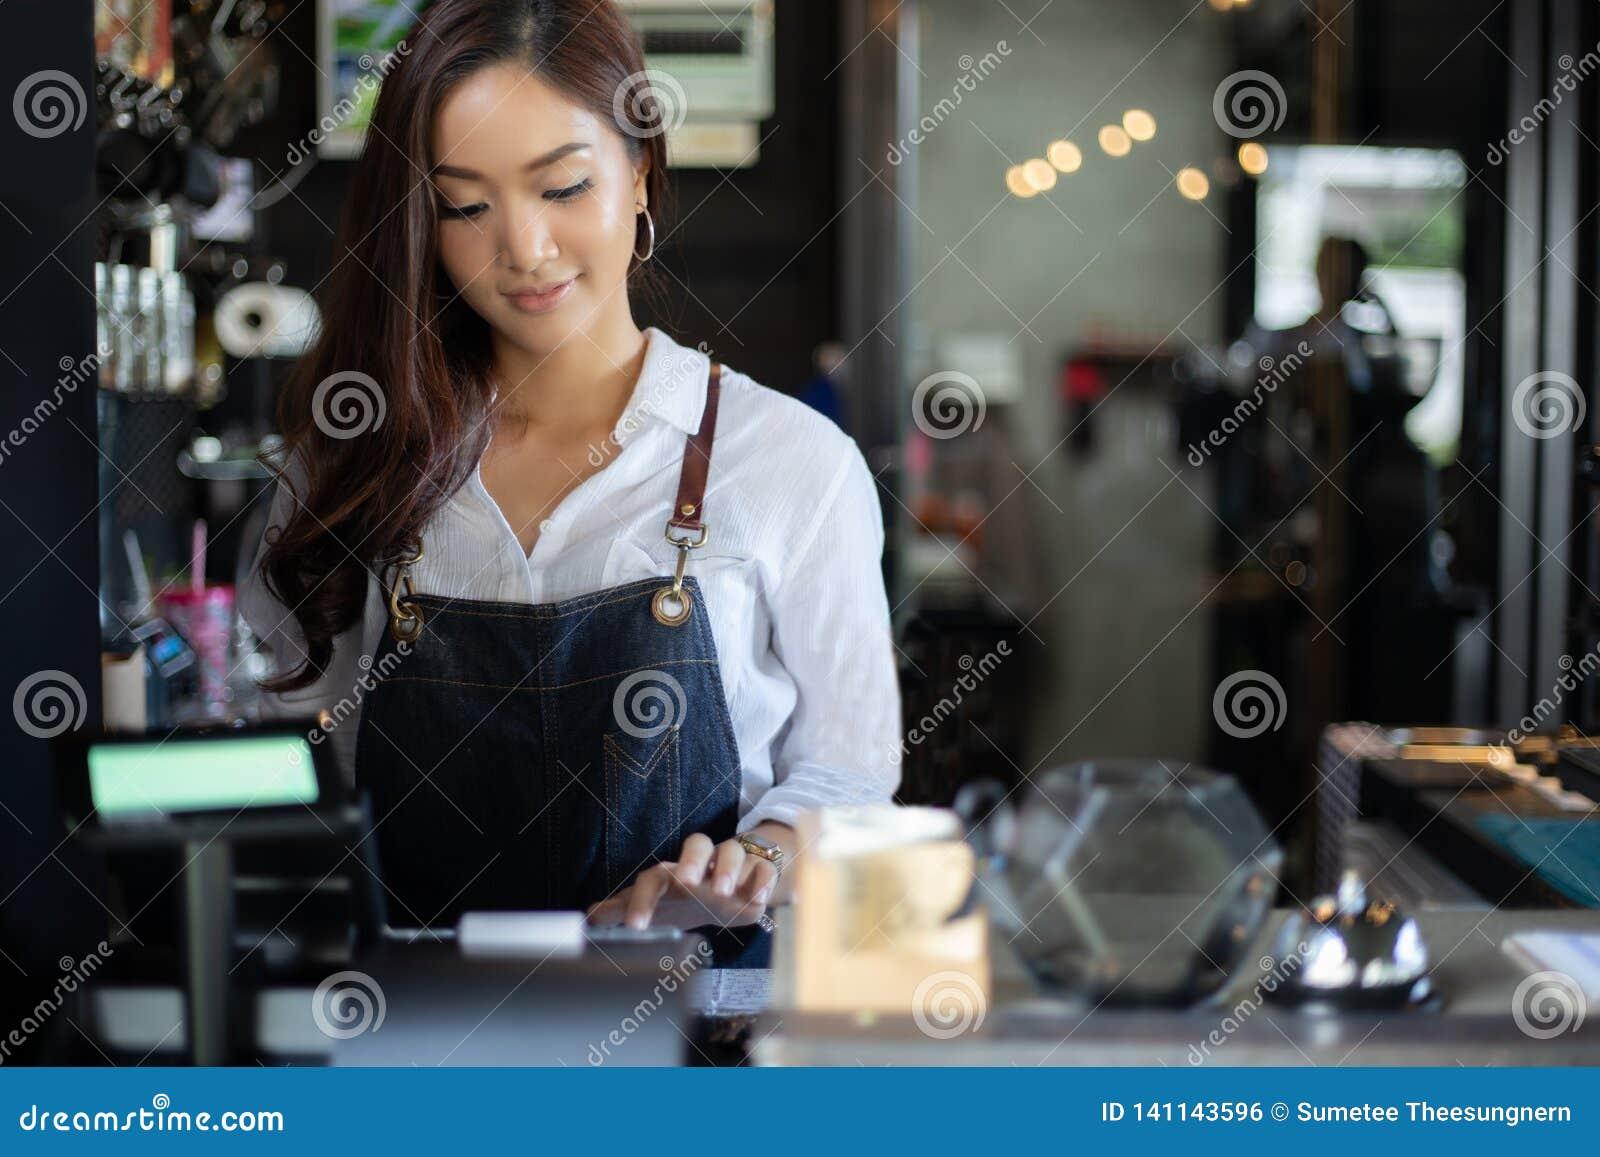 Aziatische vrouwen Barista die en koffiemachine in de teller van de koffiewinkel glimlachen met behulp van - Werkende vrouwen kle